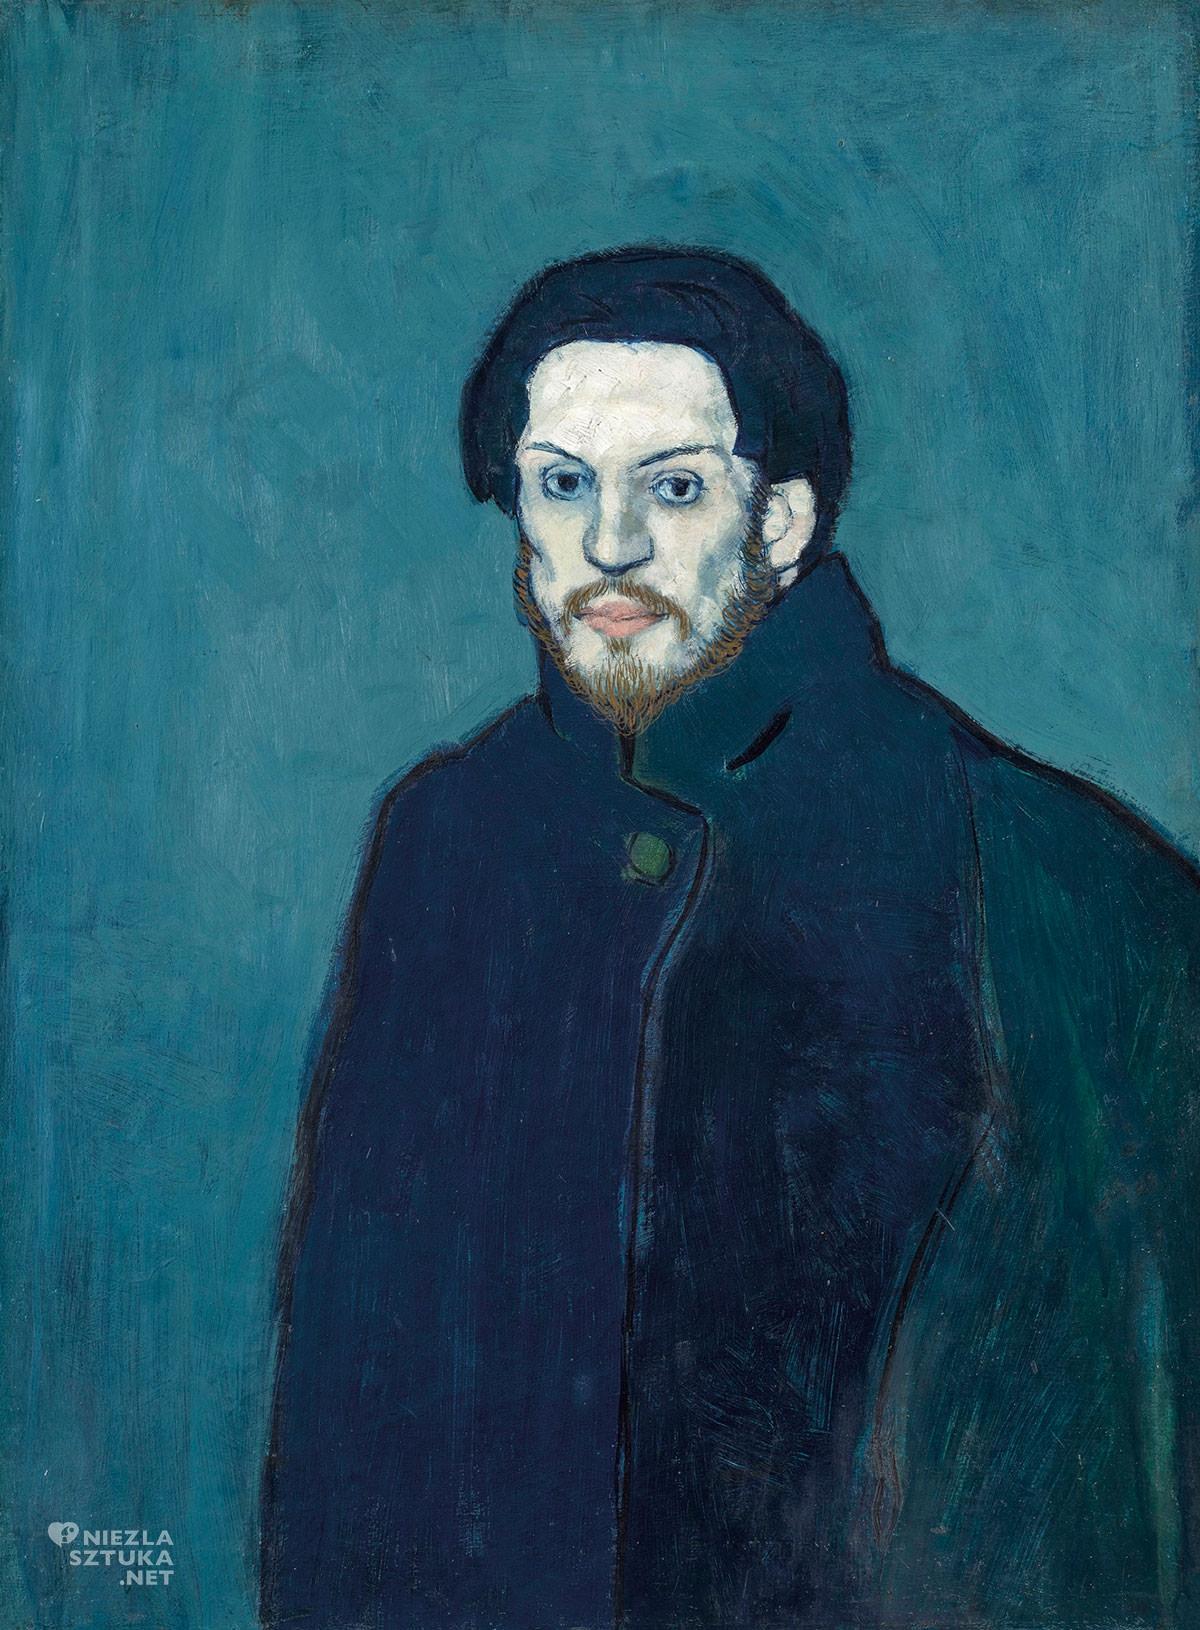 Pablo Picasso, Autoportret w płaszczu, okres błękitny, Niezła Sztuka